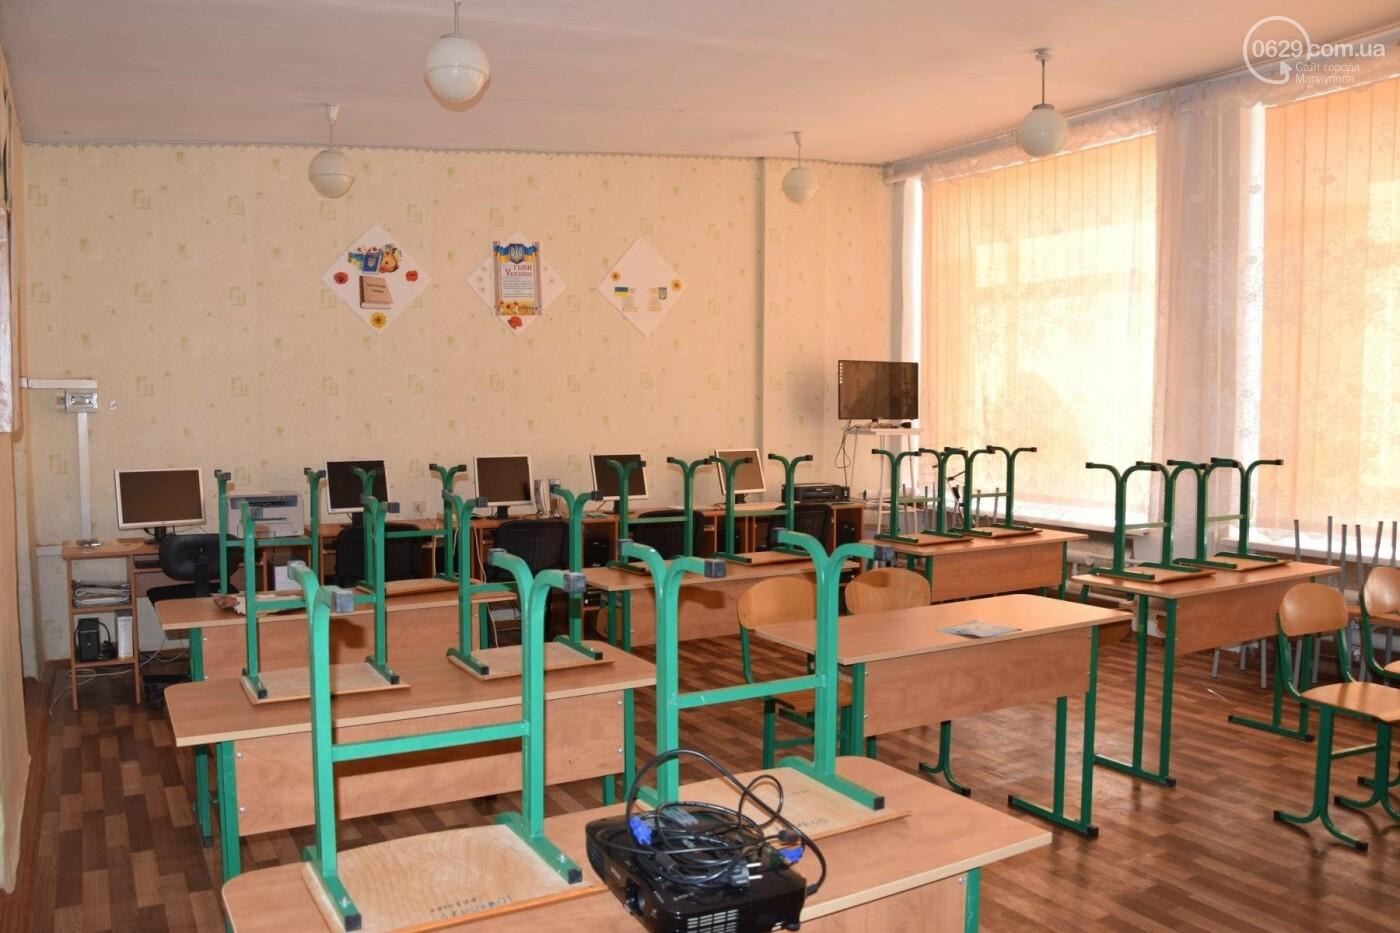 Первый звонок в прифронтовой школе. Чермалык, фото-23